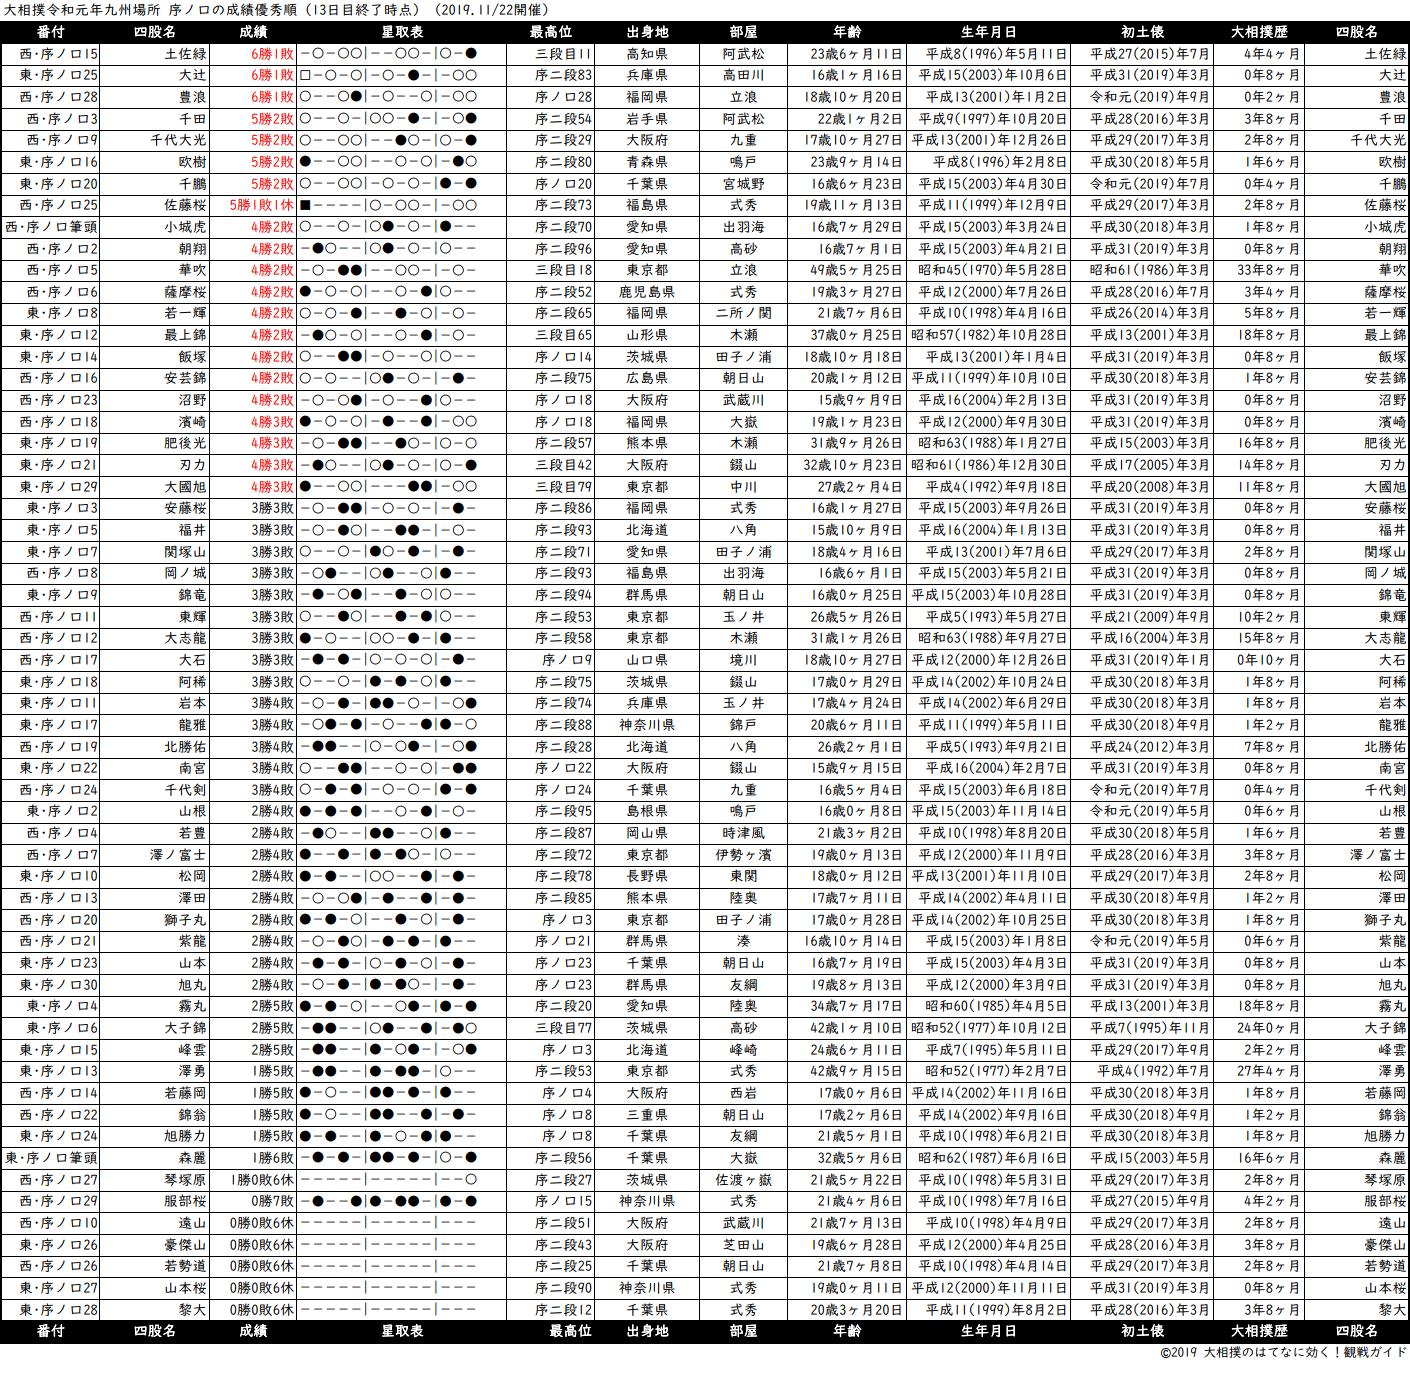 序ノ口成績順一覧表・2019年11月場所13日目